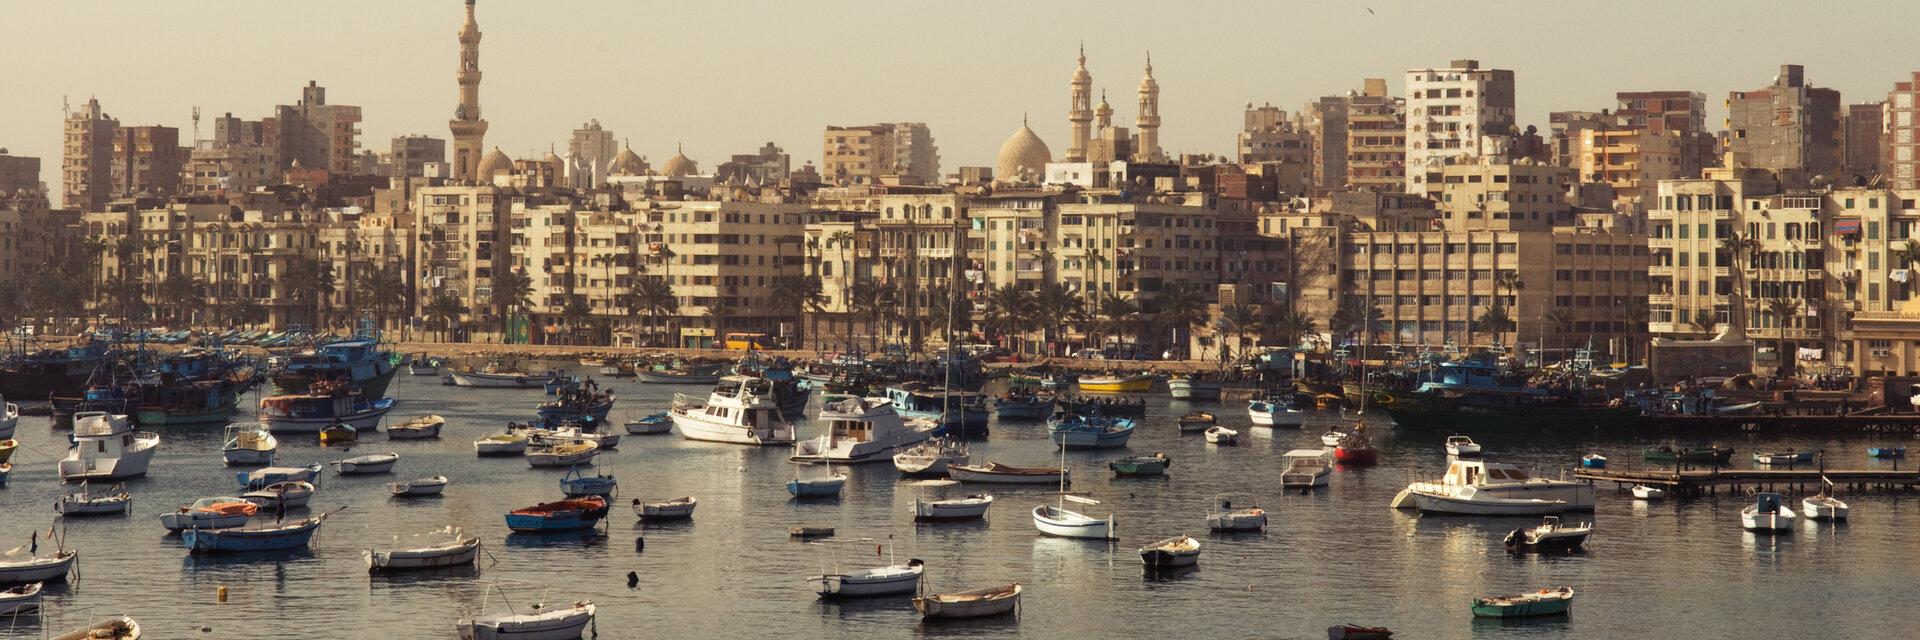 Поиск отелей в Александрии